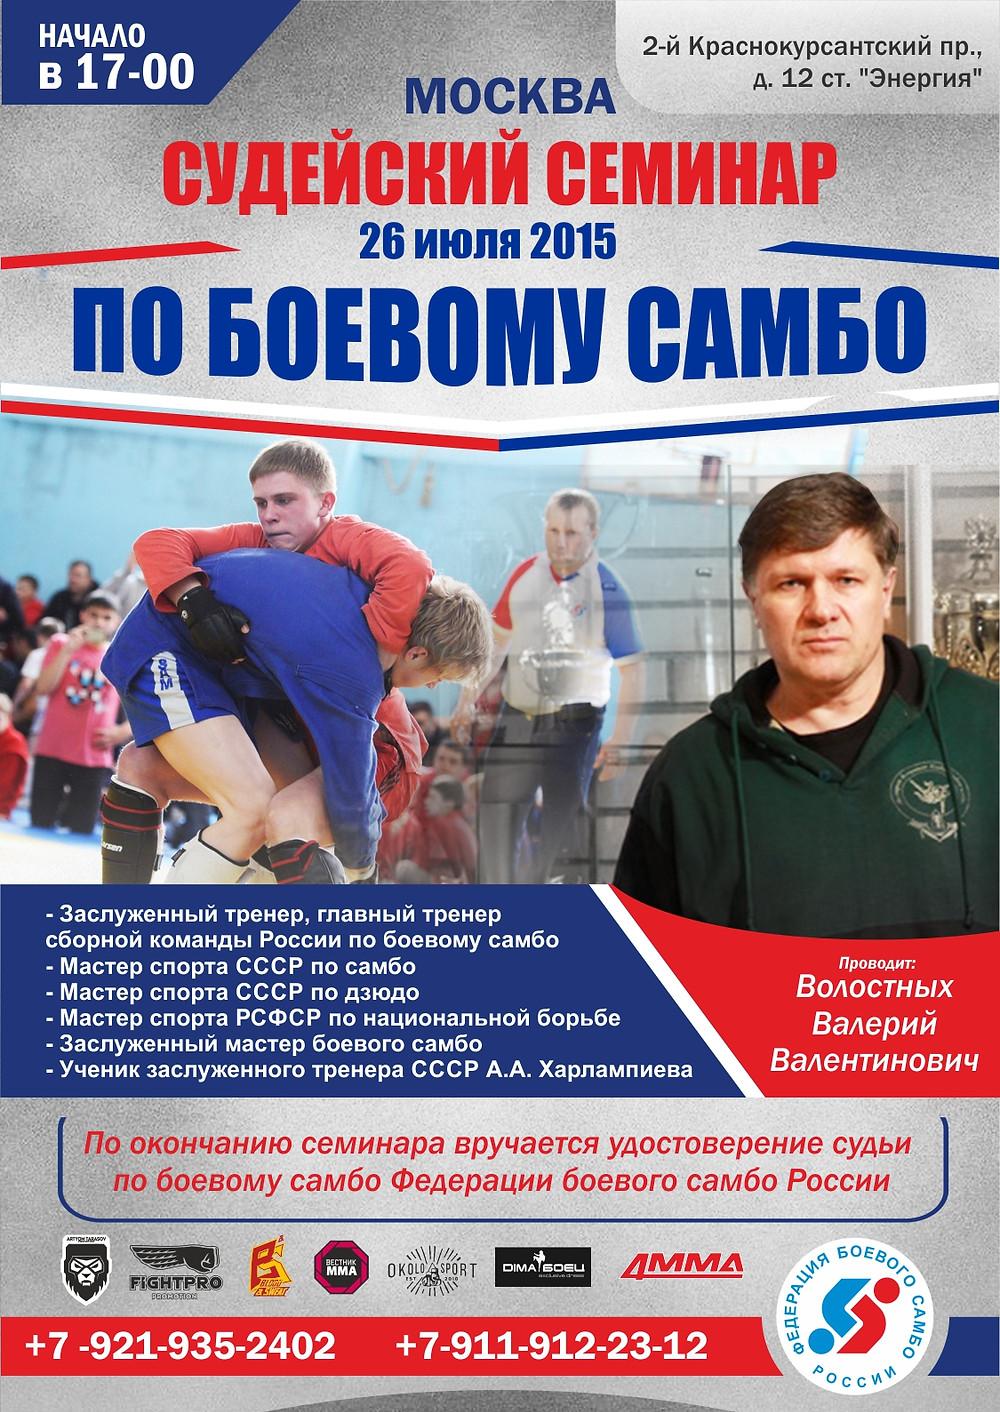 Seminar_Moskva_1.jpg